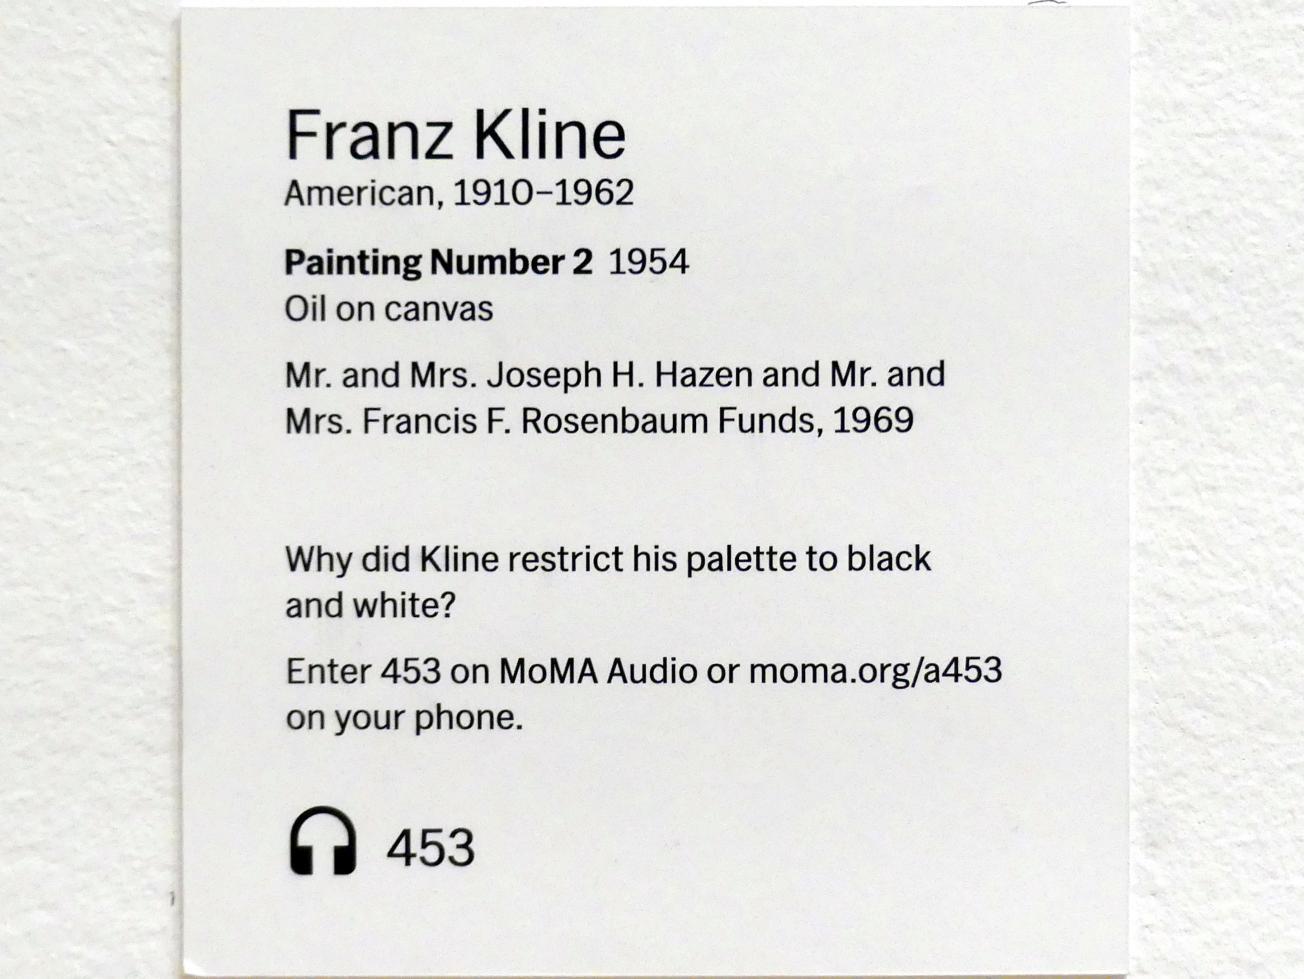 Franz Kline: Gemälde Nummer 2, 1954, Bild 2/2